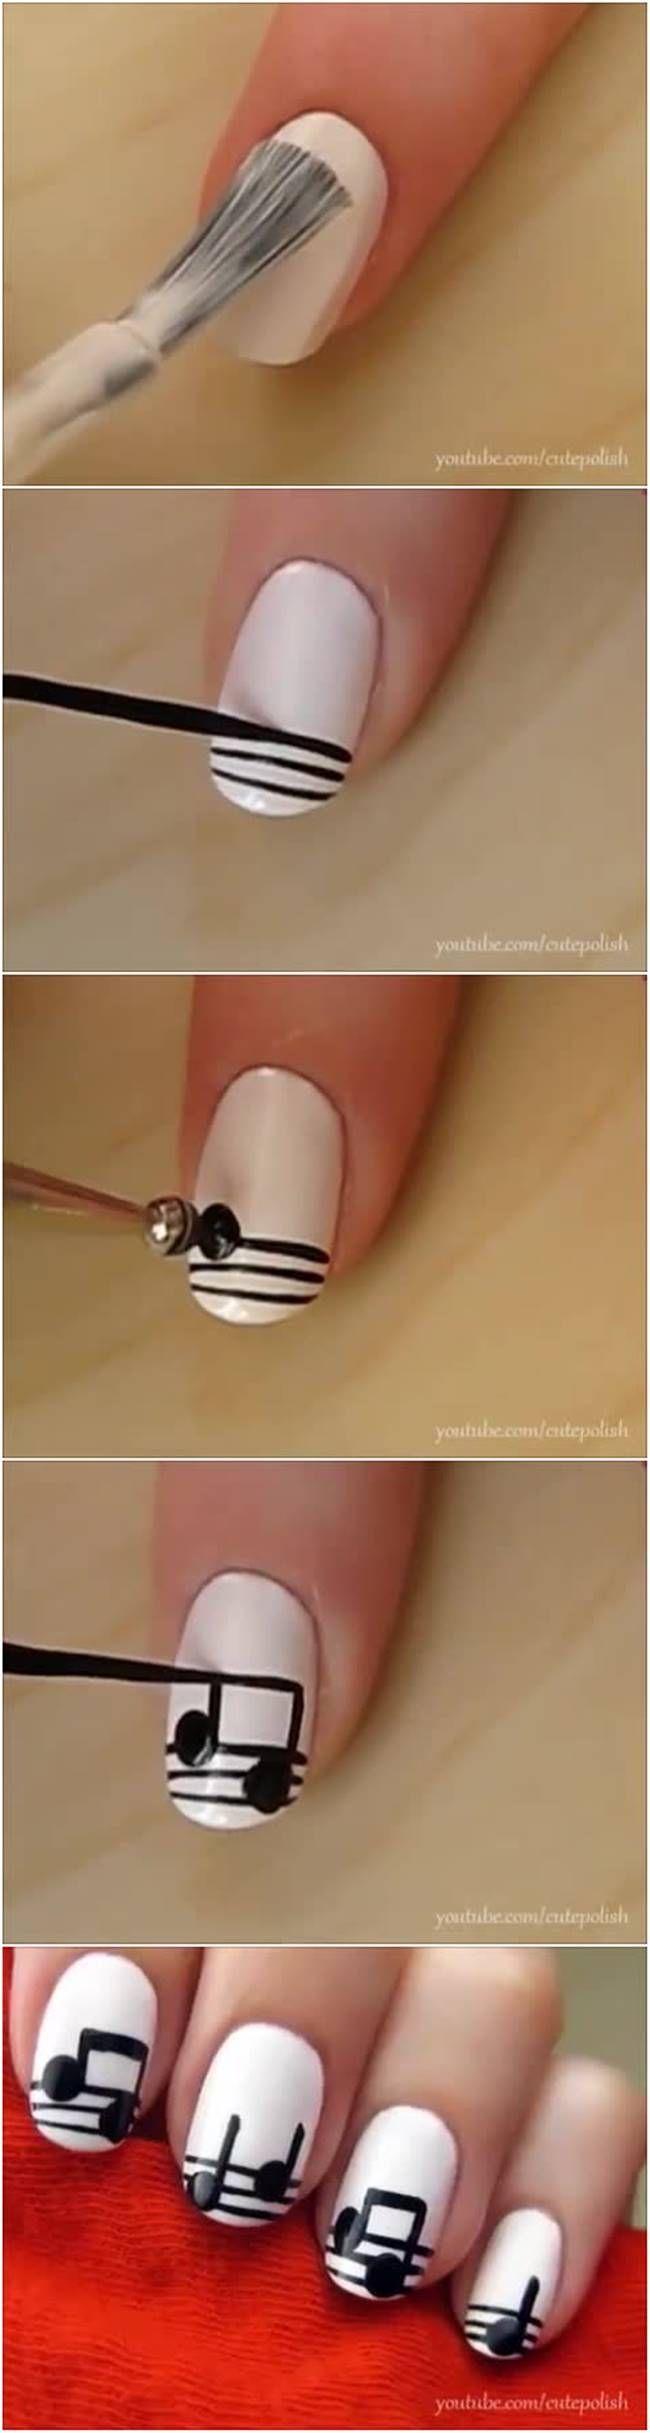 DIY Musical Notes Nail Art #fashion #beauty #nail_art